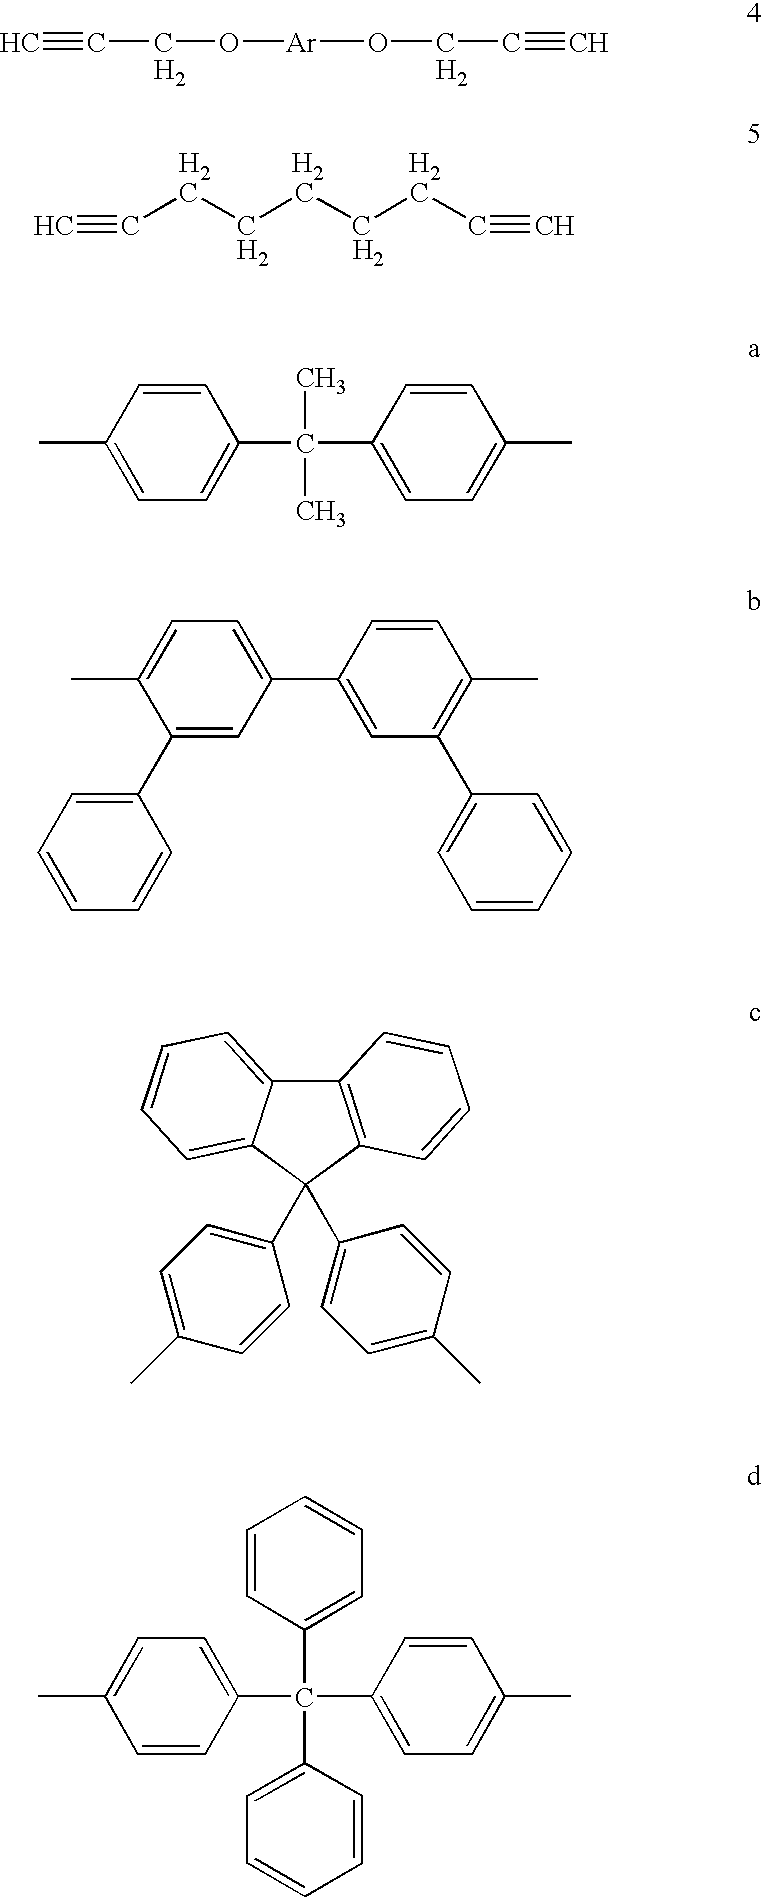 Figure US06828040-20041207-C00009